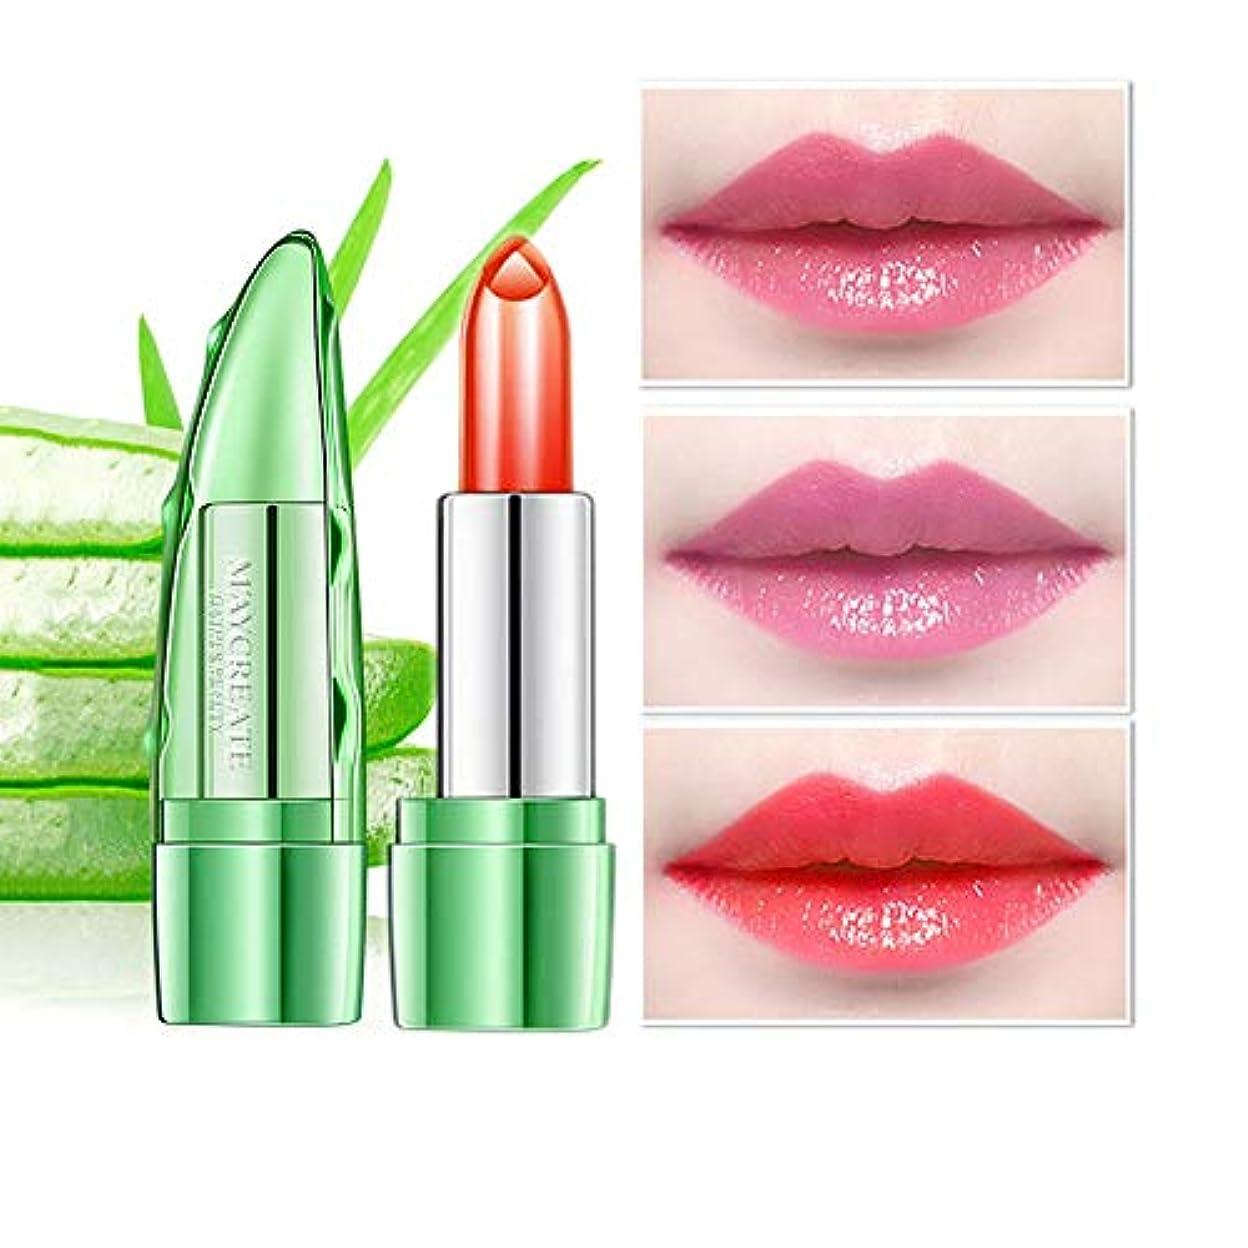 軍団意気揚々値する1ピースアロエゼリーカラー変更温度口紅、長続きがする保湿唇ケア変色口紅リップペンシルリップグロス (3)